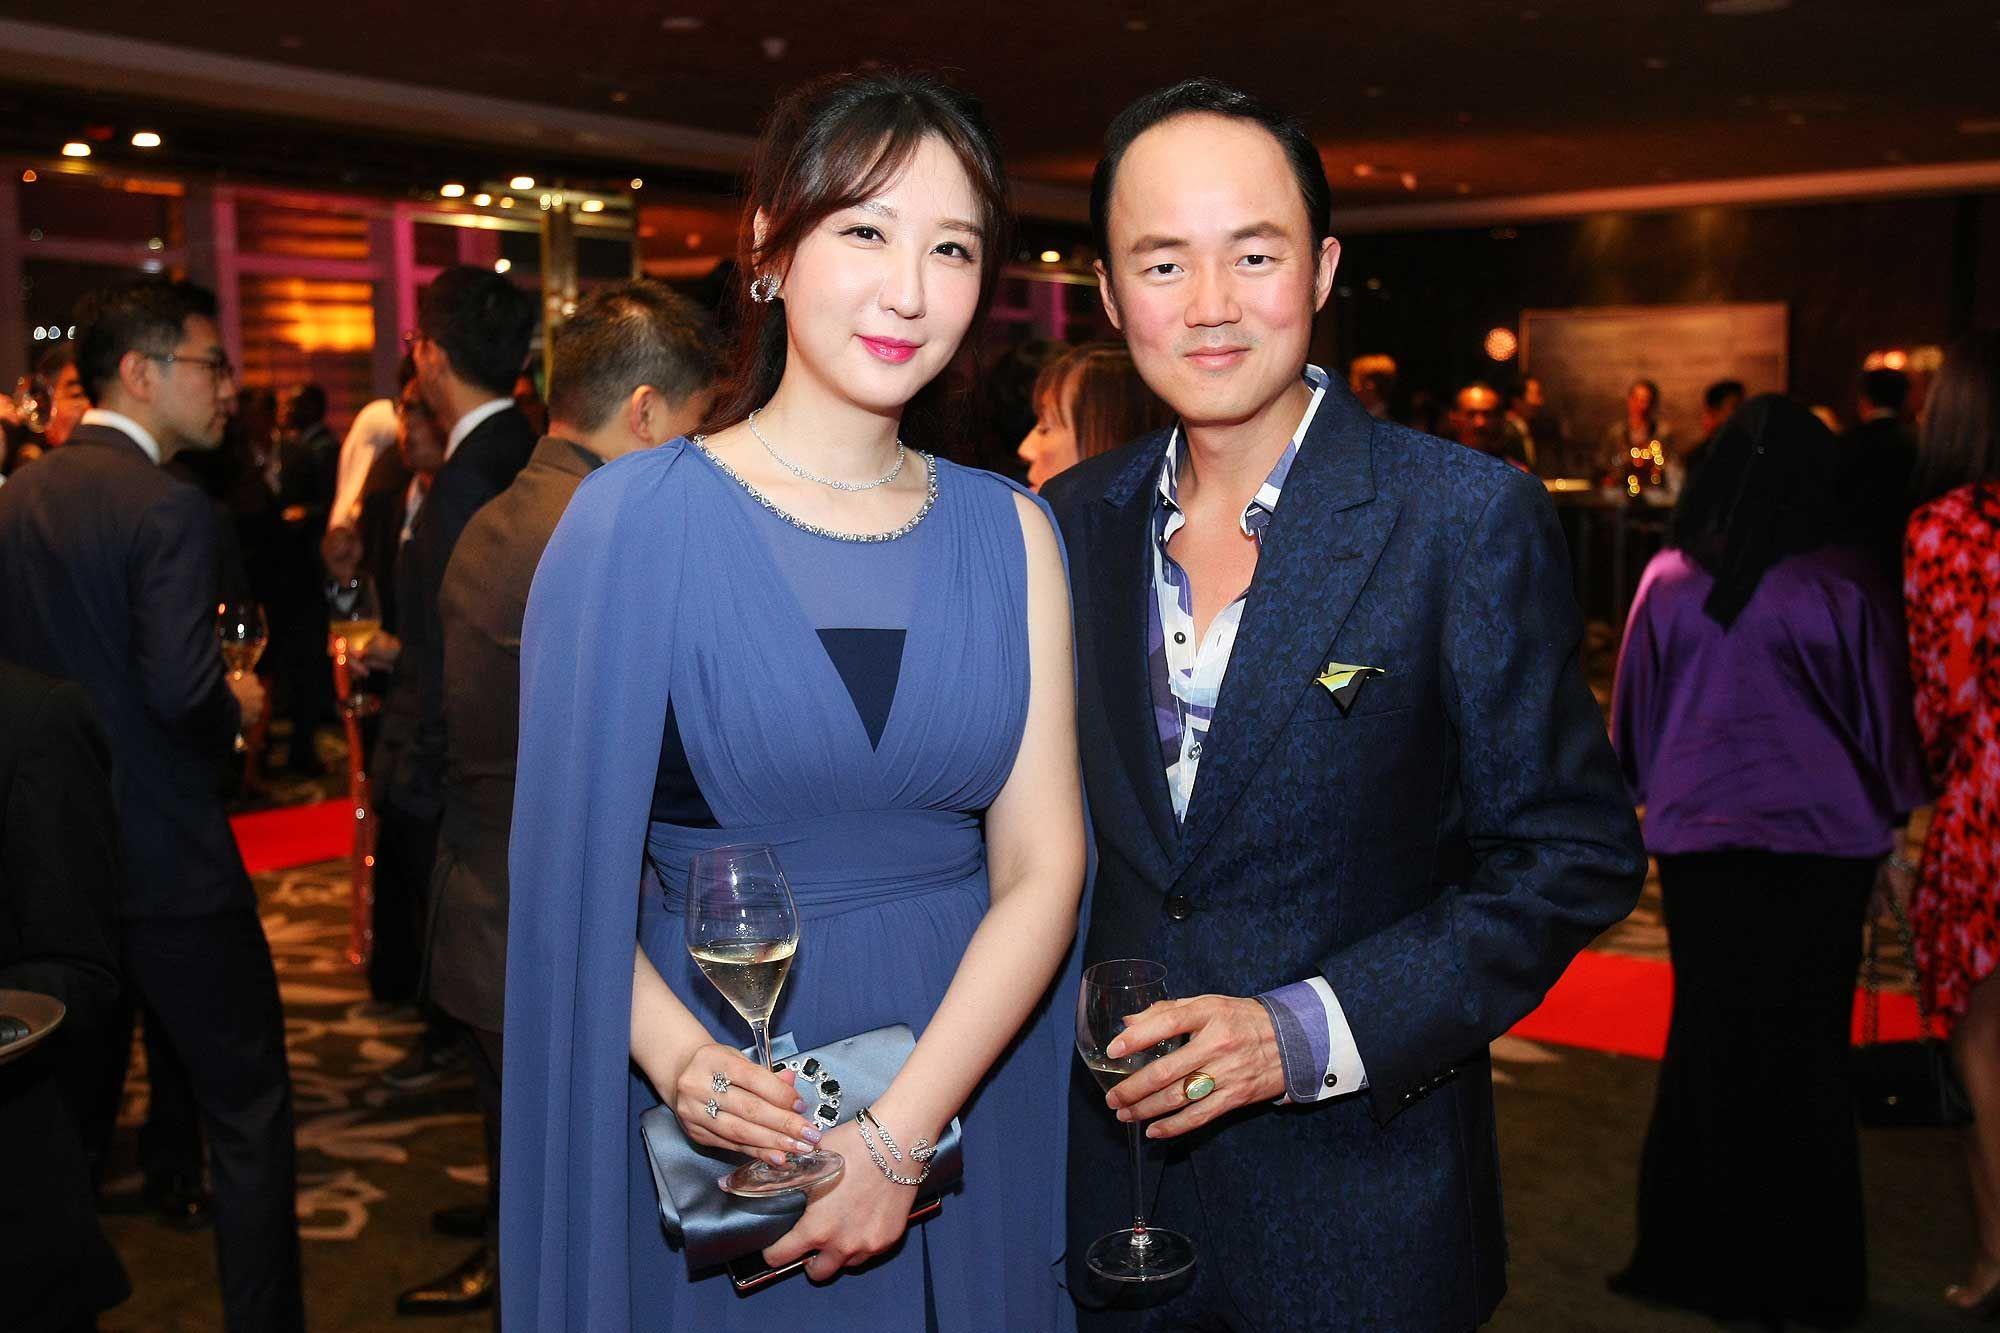 Chen II and Cedric Tan